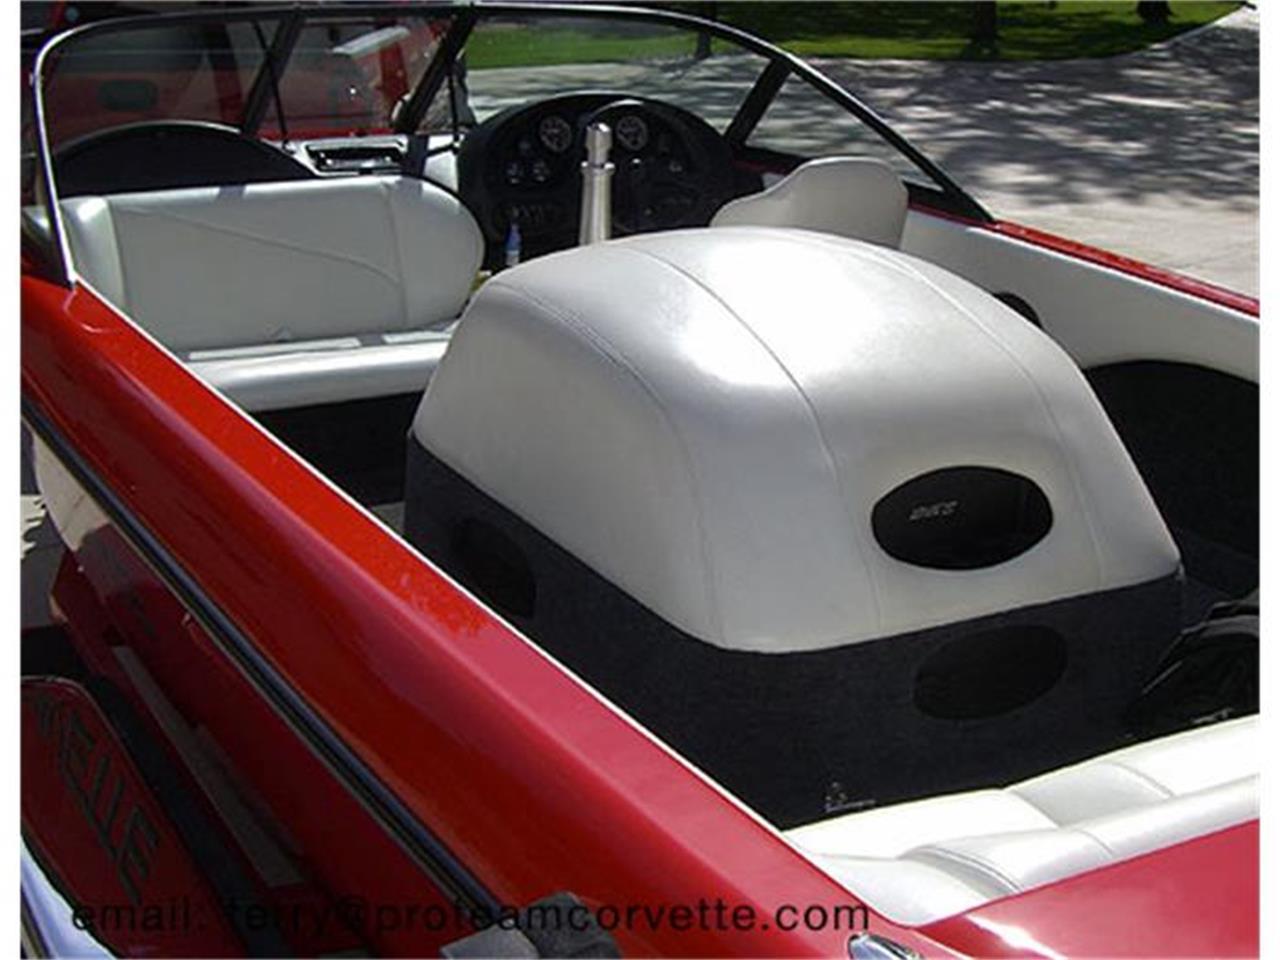 Large Picture of '98 Chevrolet Corvette located in Ohio - $35,000.00 - IGVA